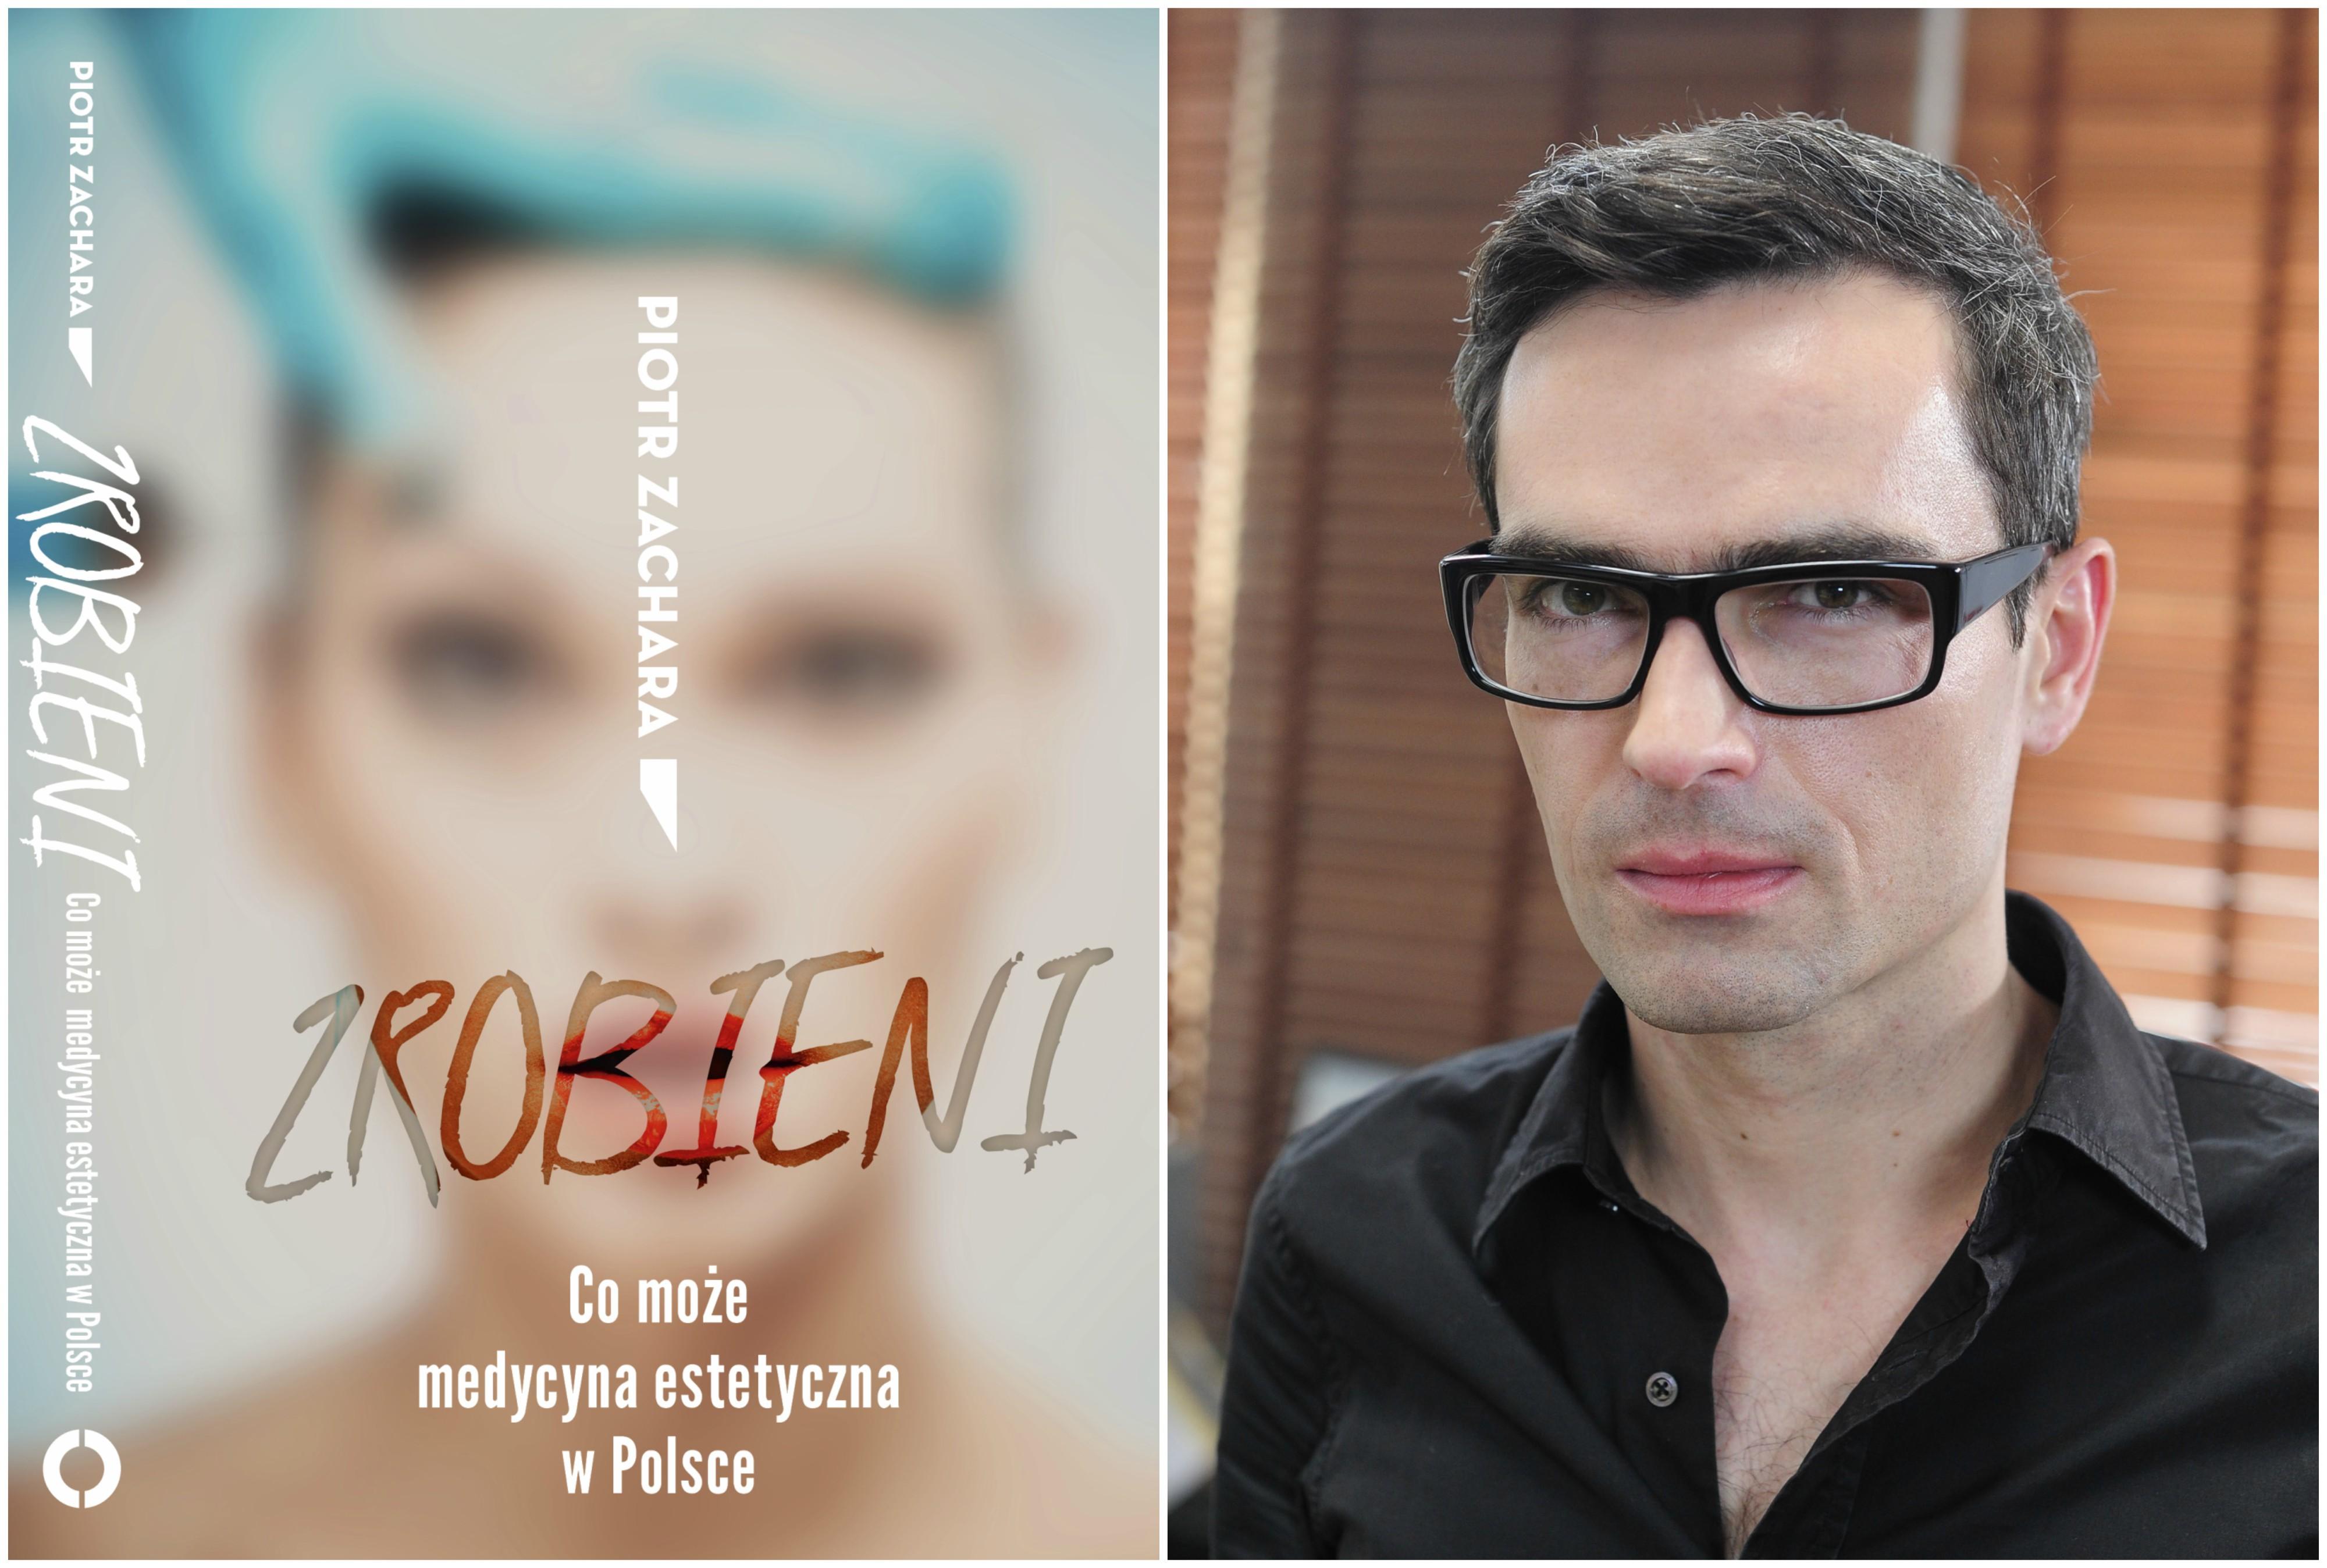 Książka Piotra Zachary 'Zrobieni' ukazała się nakładem Wydawnictwa Czerwone i Czarne (fot. materiały prasowe / Eastnews)